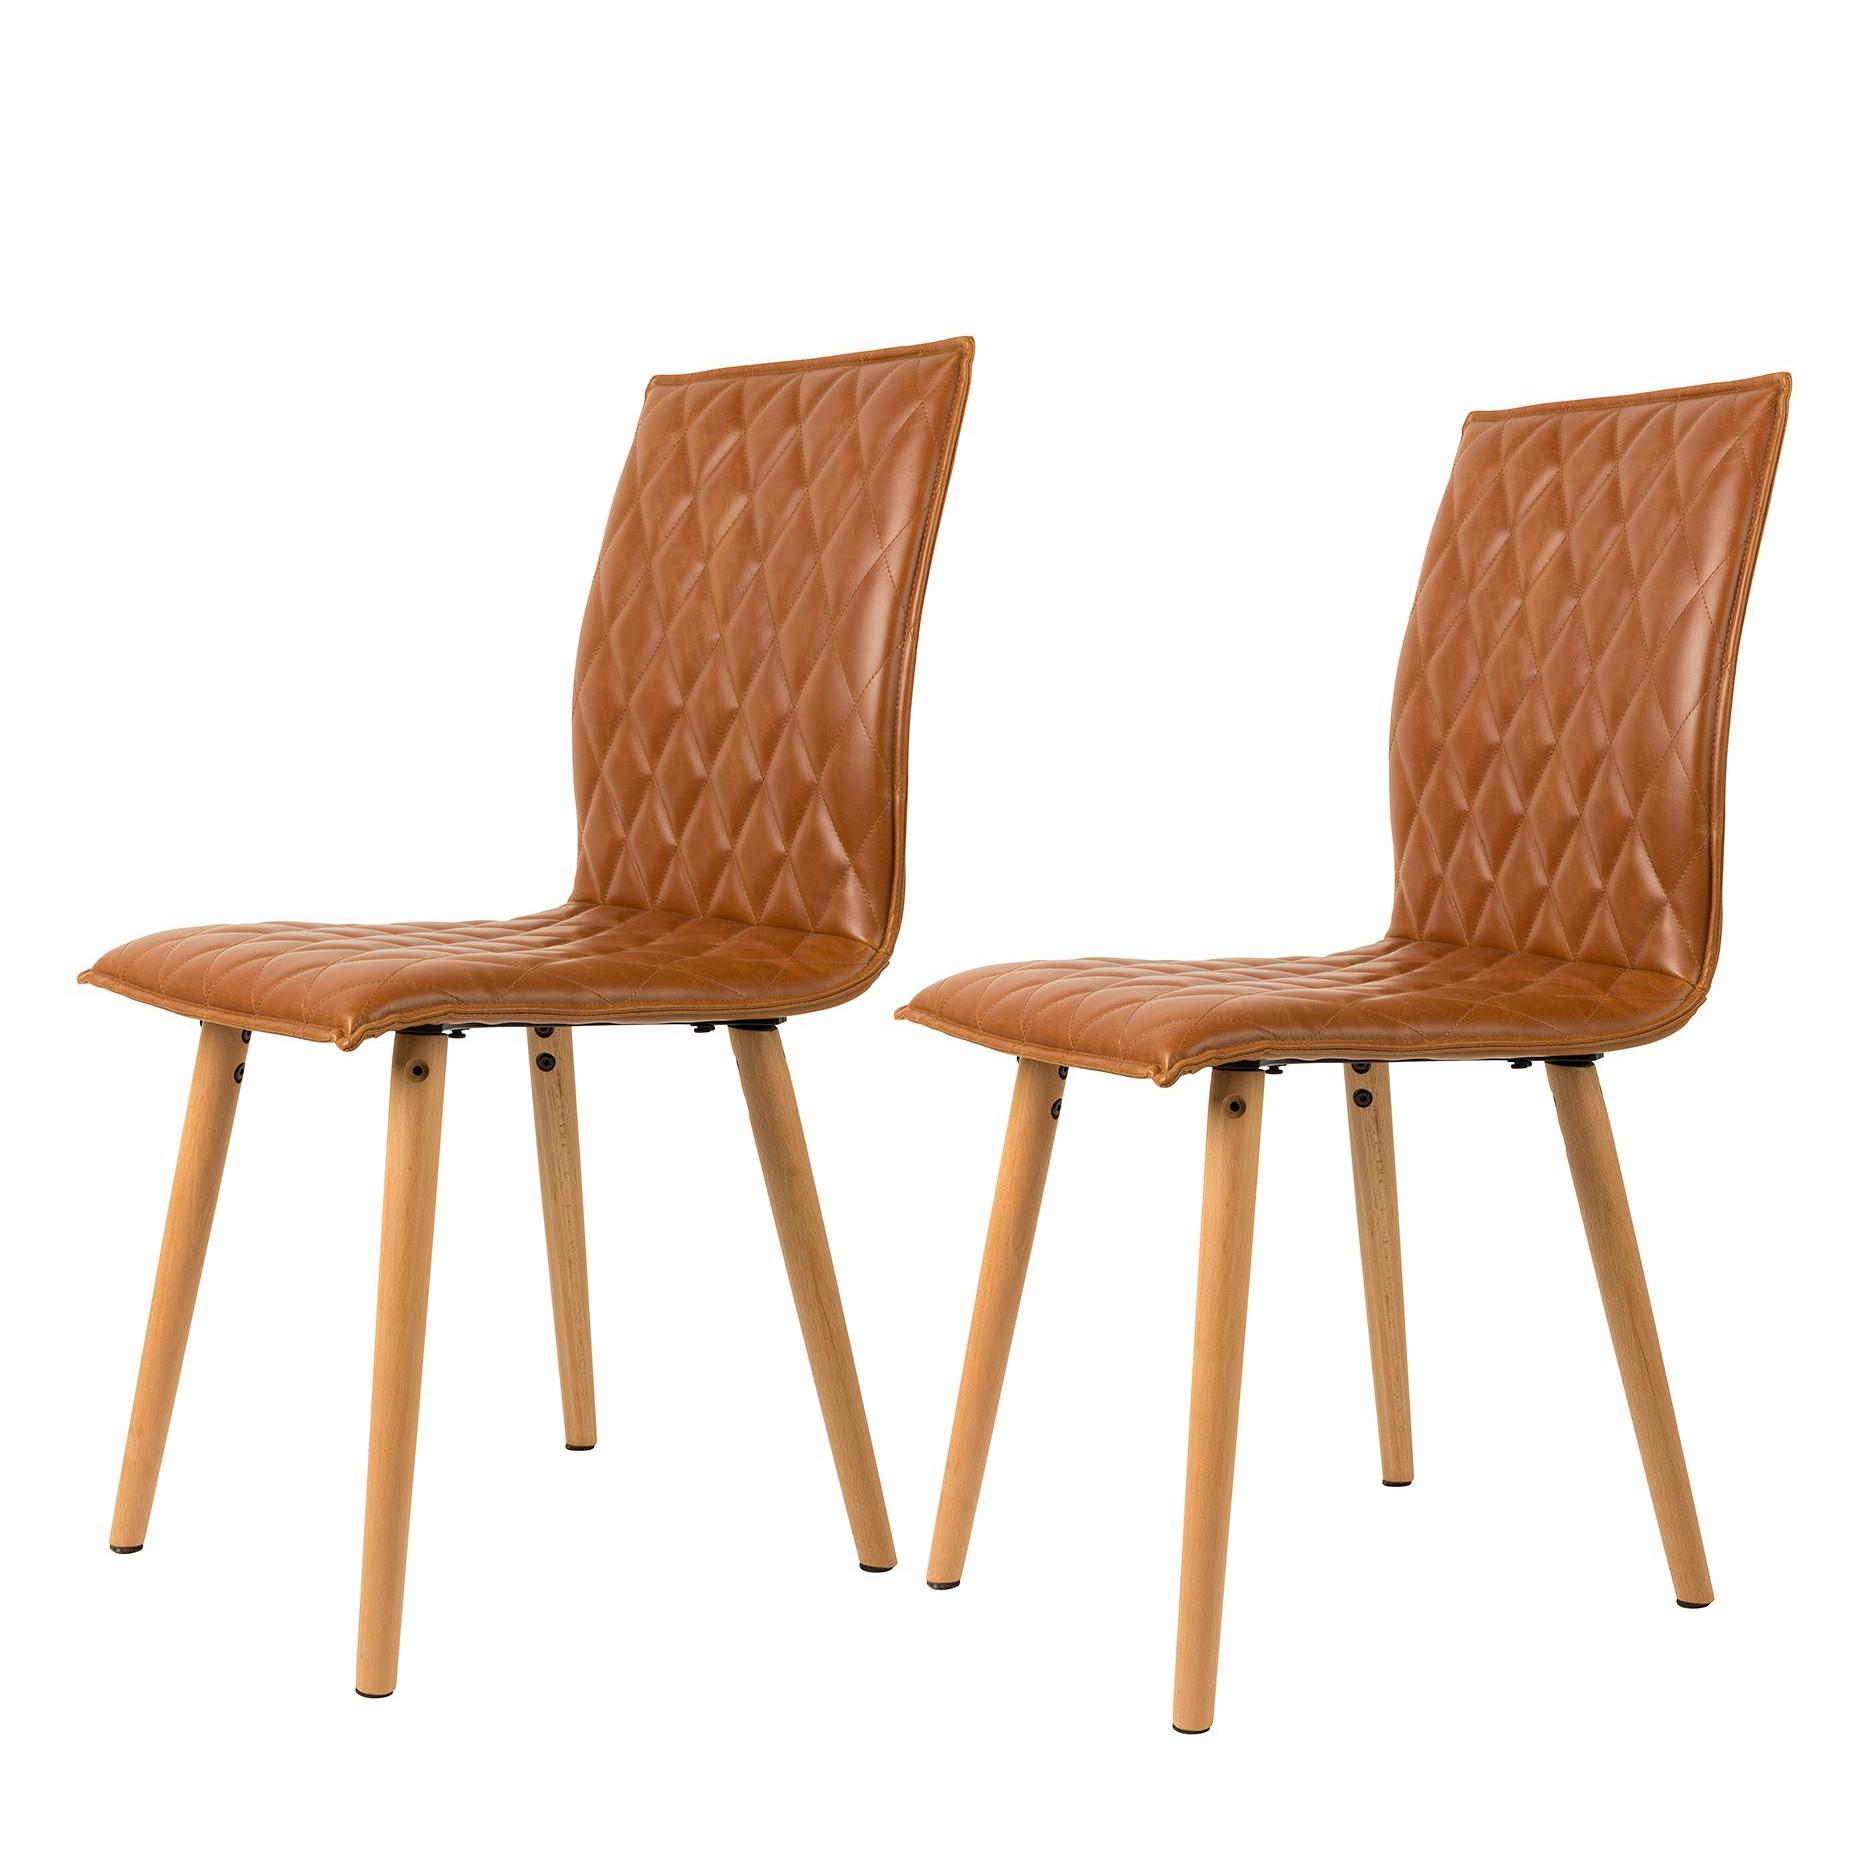 Gestoffeerde stoelen Andy (2-delige set) - kunstleer - Honingbruin, Zuiver